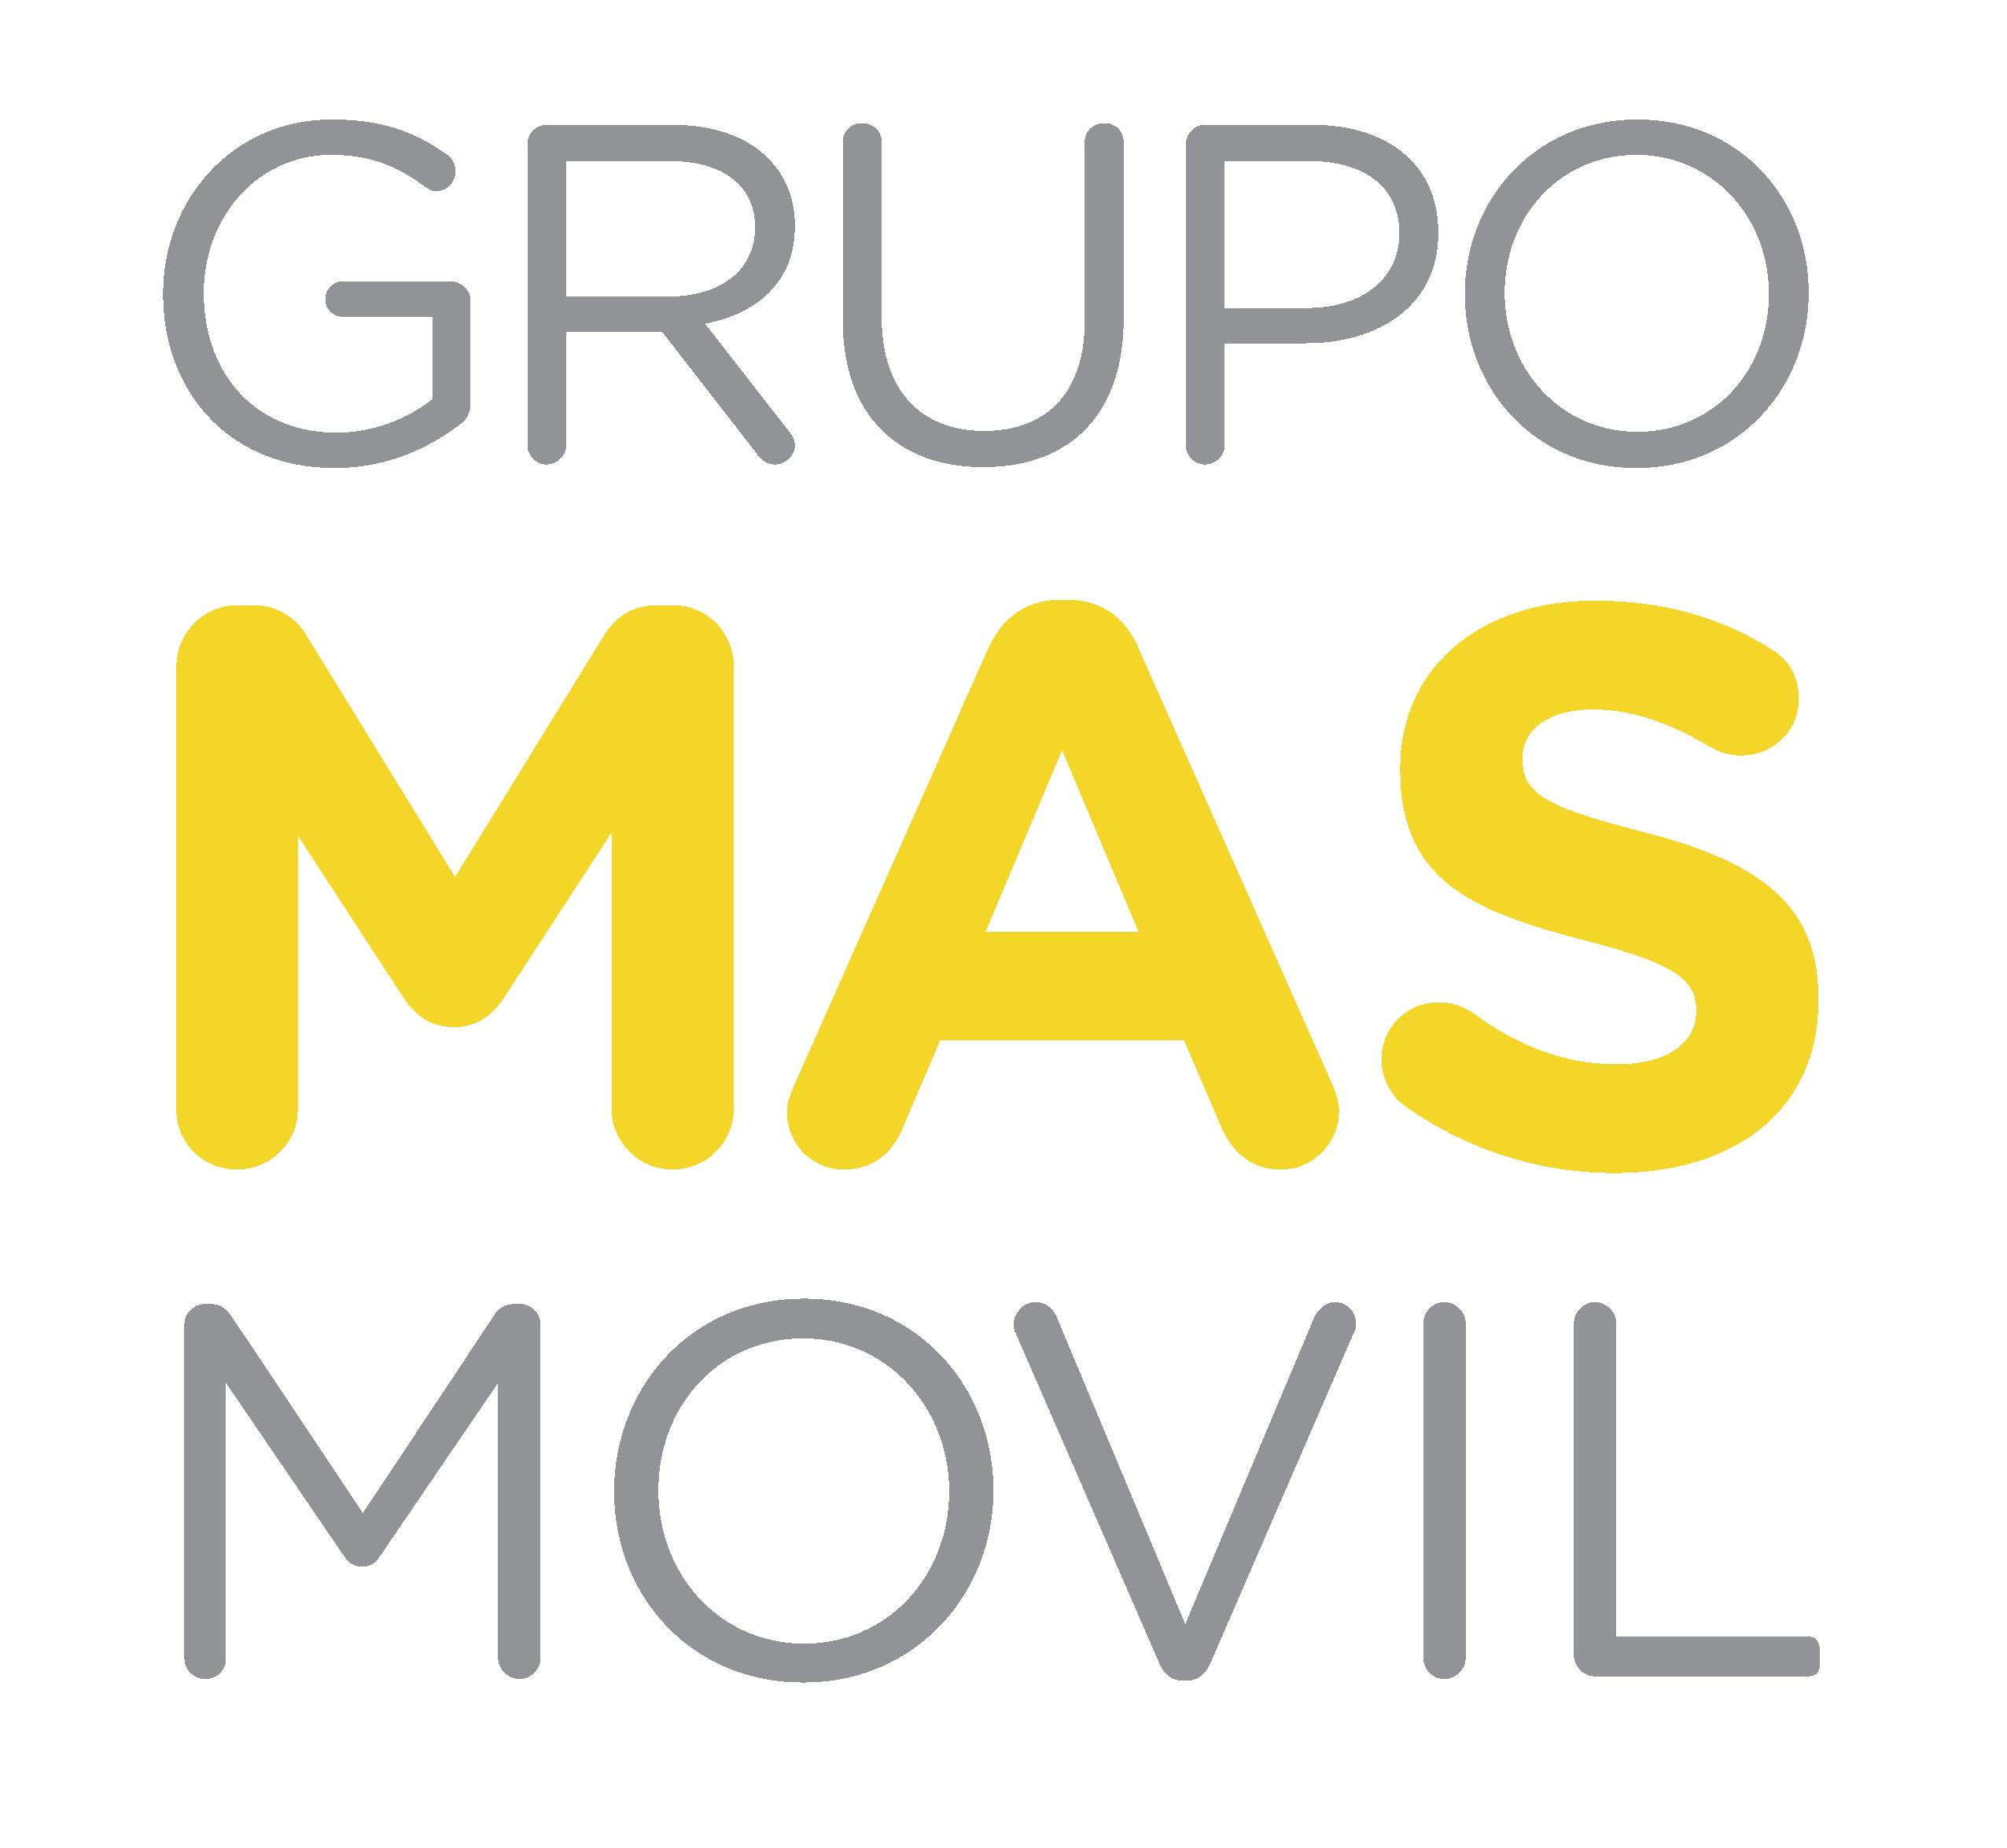 Grupo Más Móvil. Global Incubator's clients